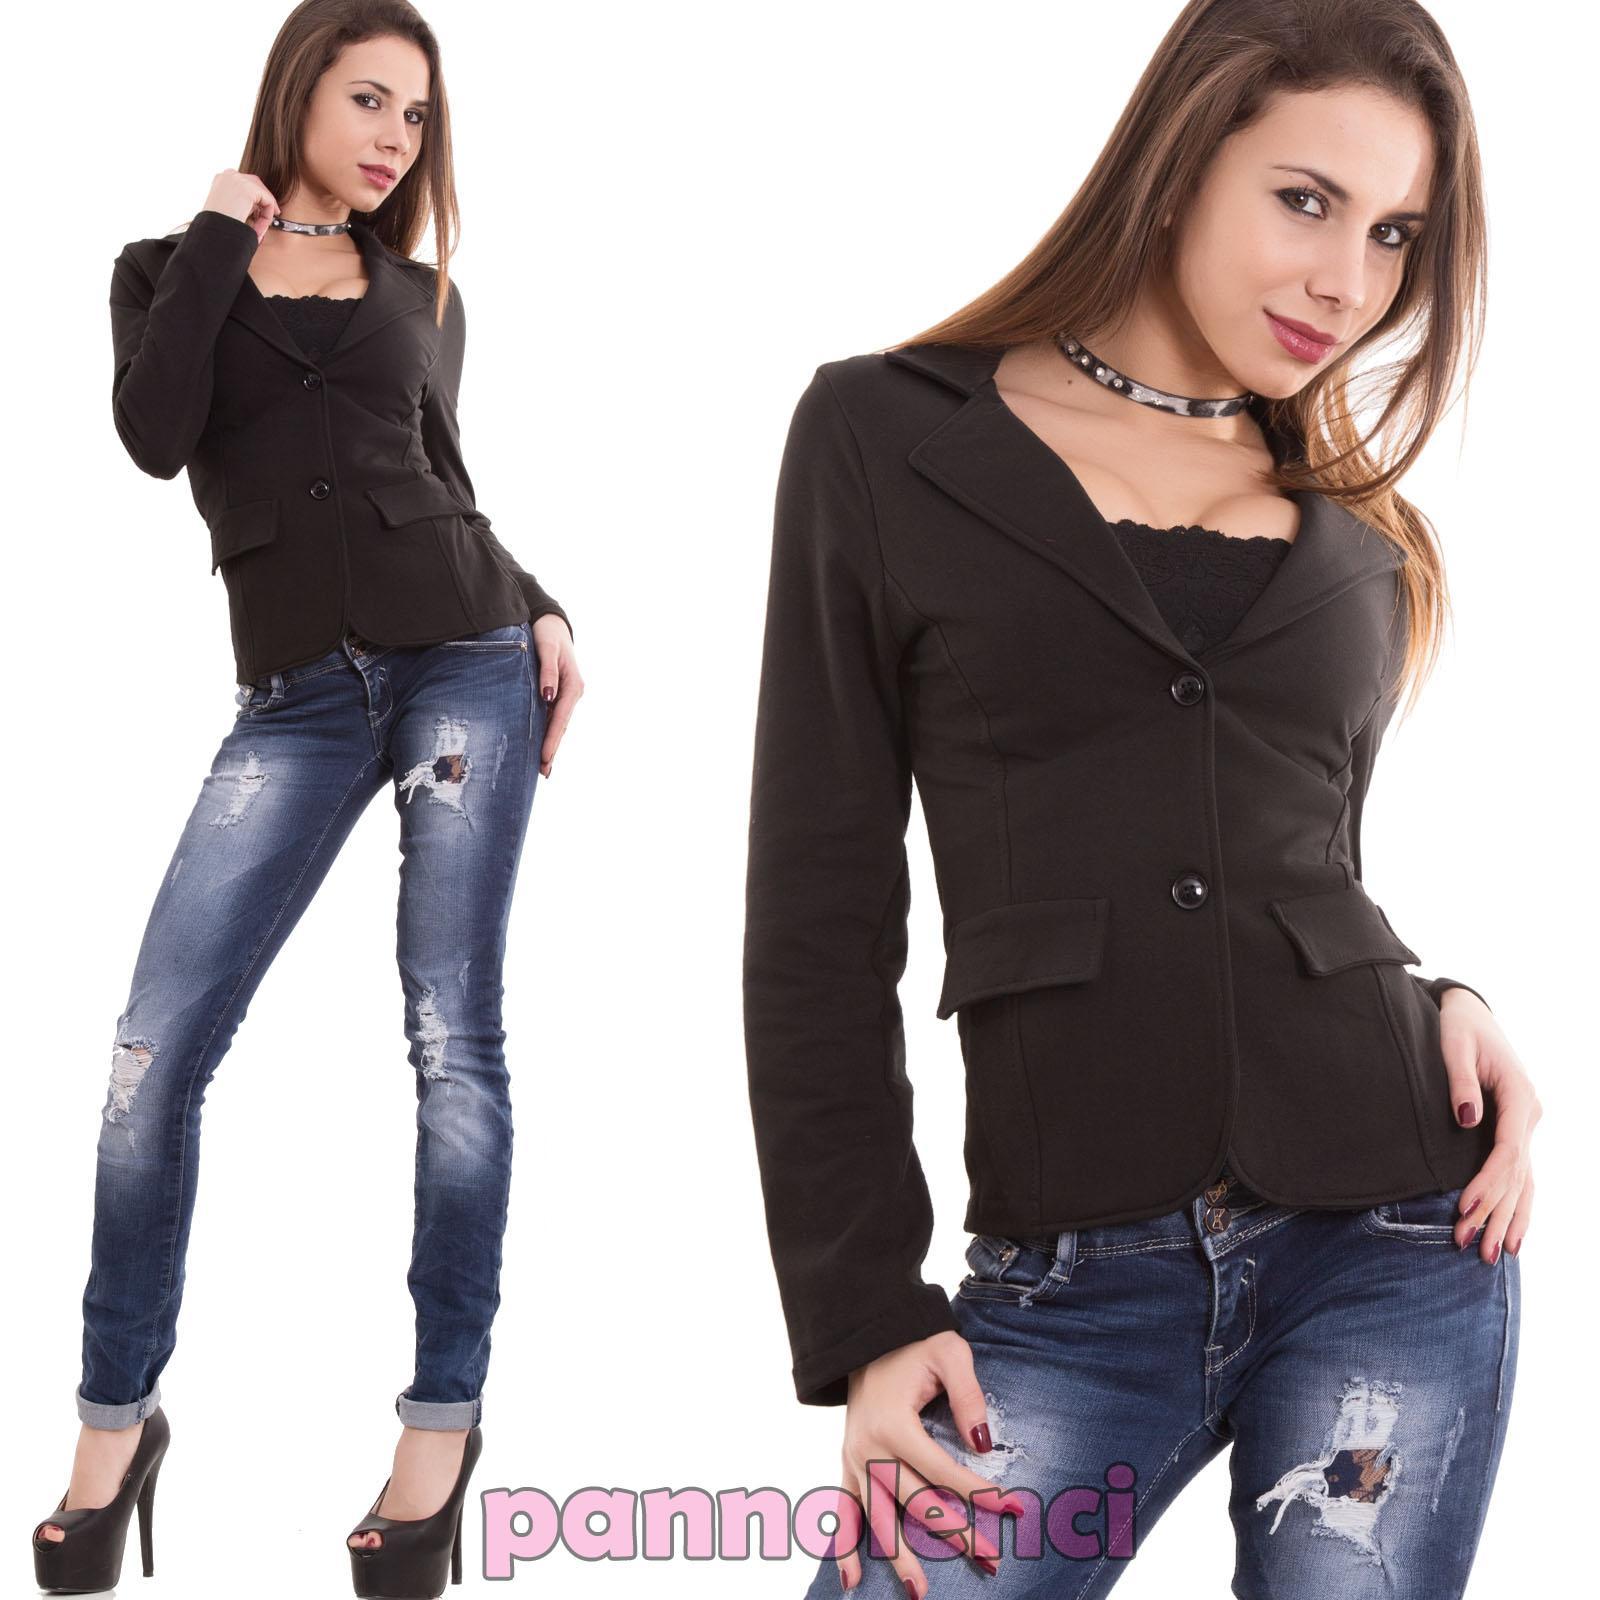 Giacca-donna-felpata-cotone-maniche-lunghe-avvitata-bottoni-nuova-CC-1113